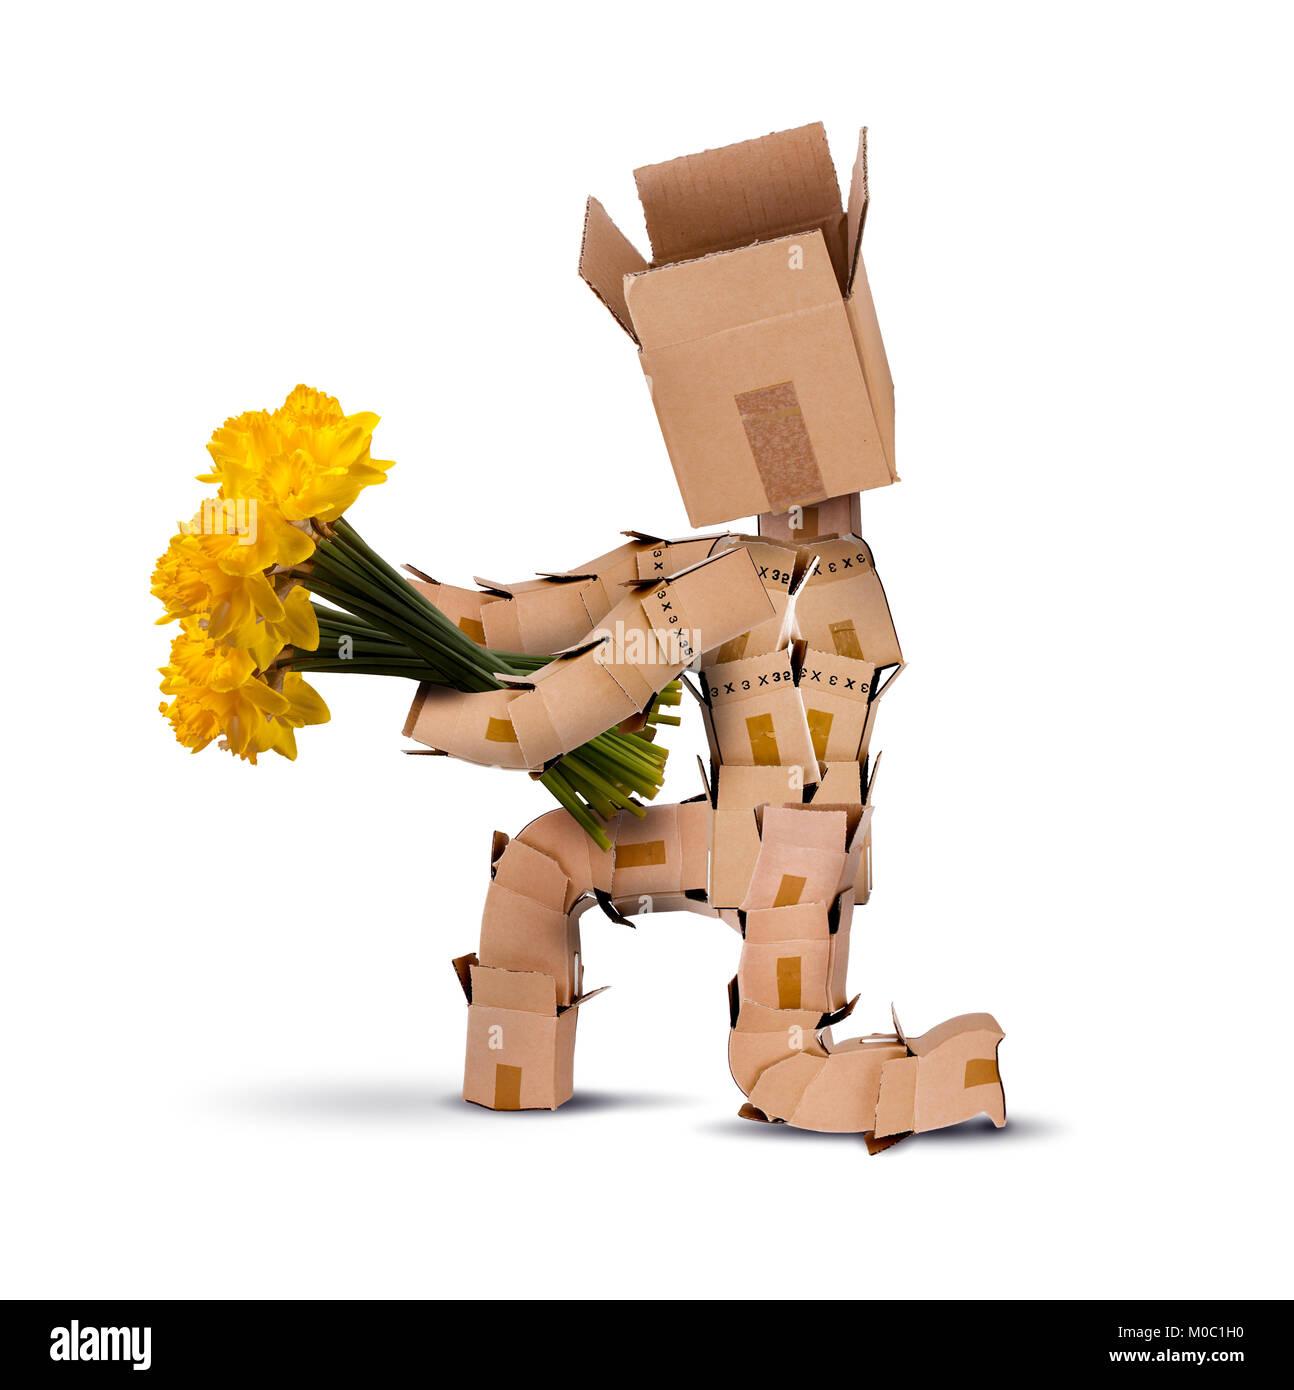 Box Charakter auf den Knien halten Bündel gelbe Narzisse Blumen isoliert auf einem weißen Hintergrund. Stockbild